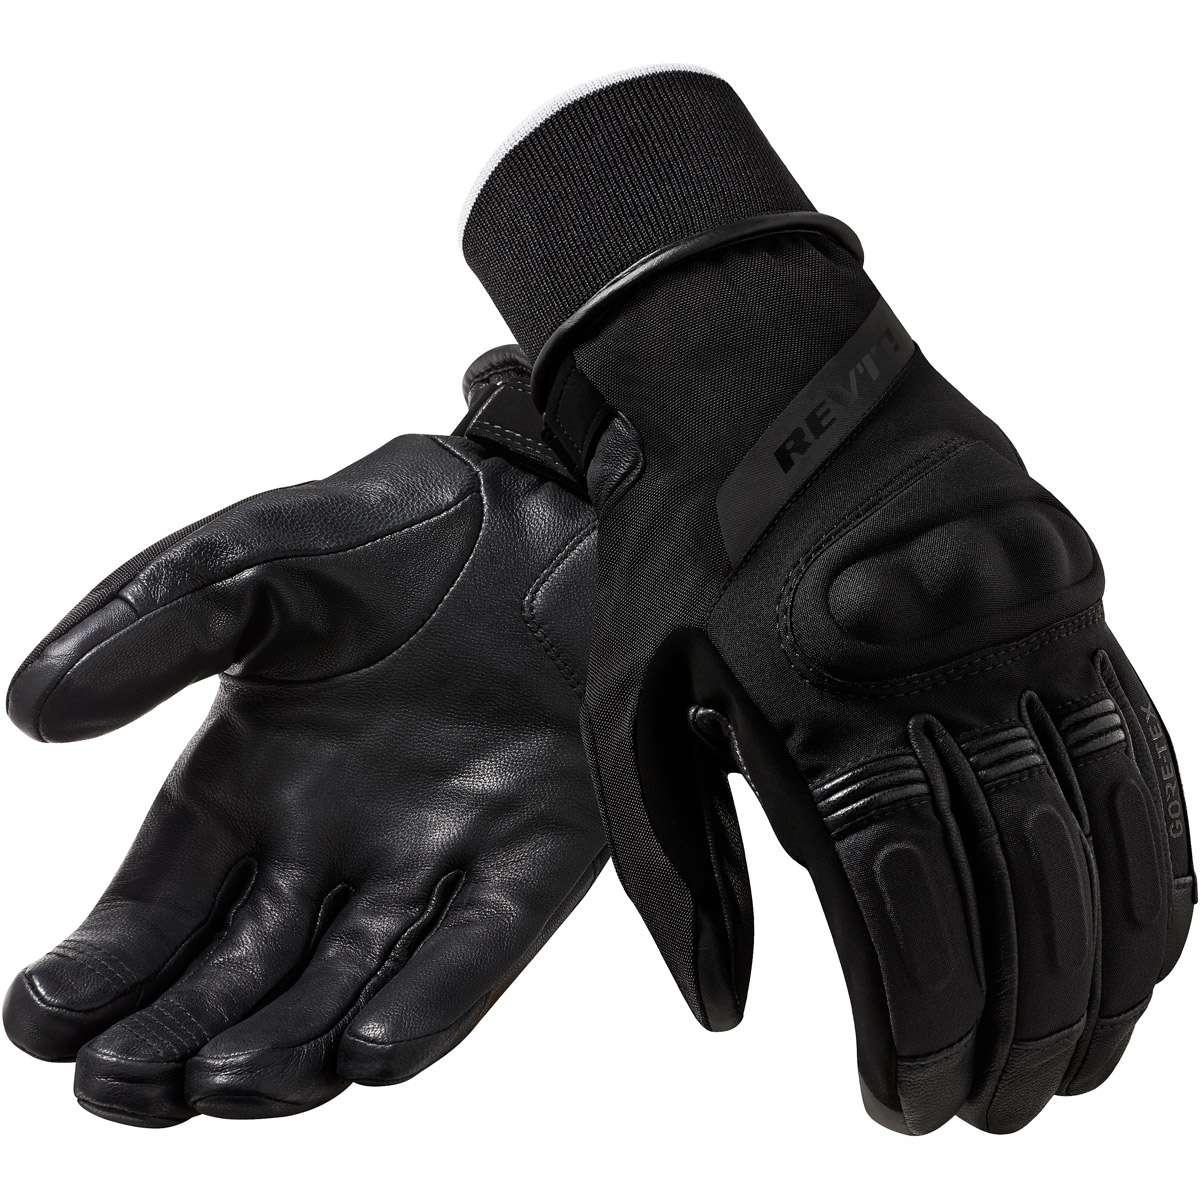 Rev It! Kryptonite 2 Gloves GTX - Black £95.99 Delivered @ Get Geared